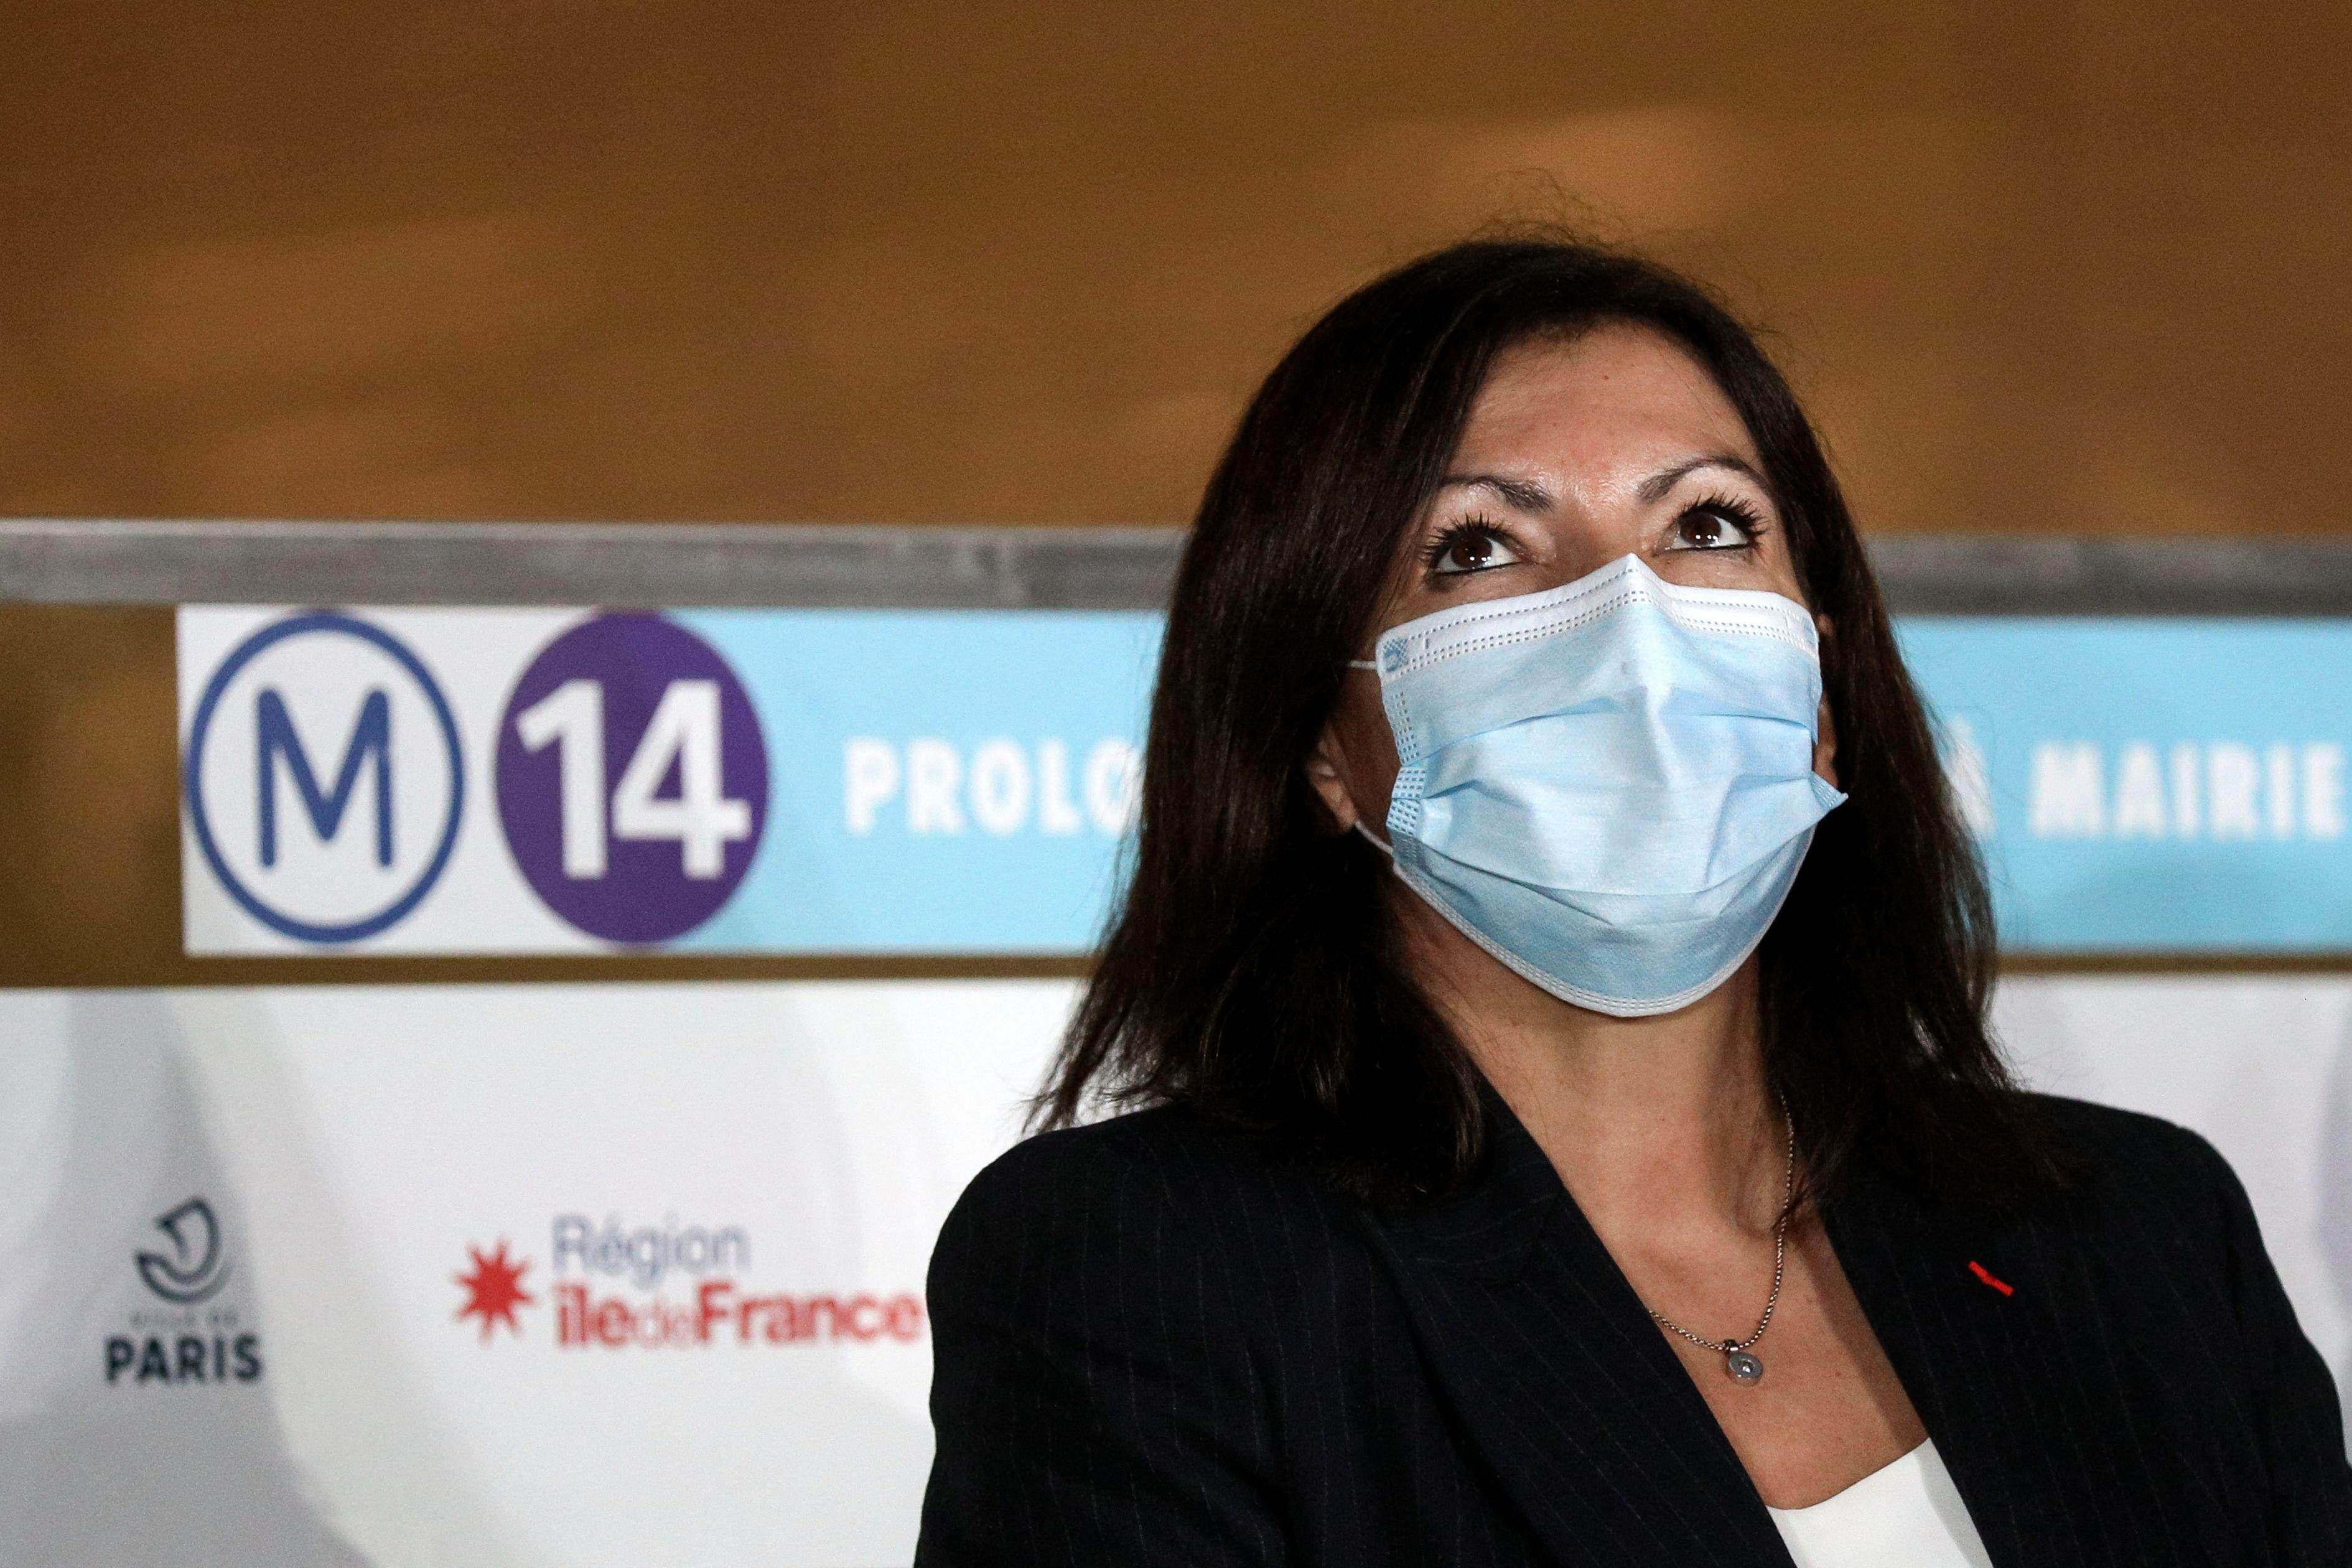 «Polémique ridicule», «coup politique raté»: l'hypothèse d'un confinement à Paris divise les sénateurs franciliens